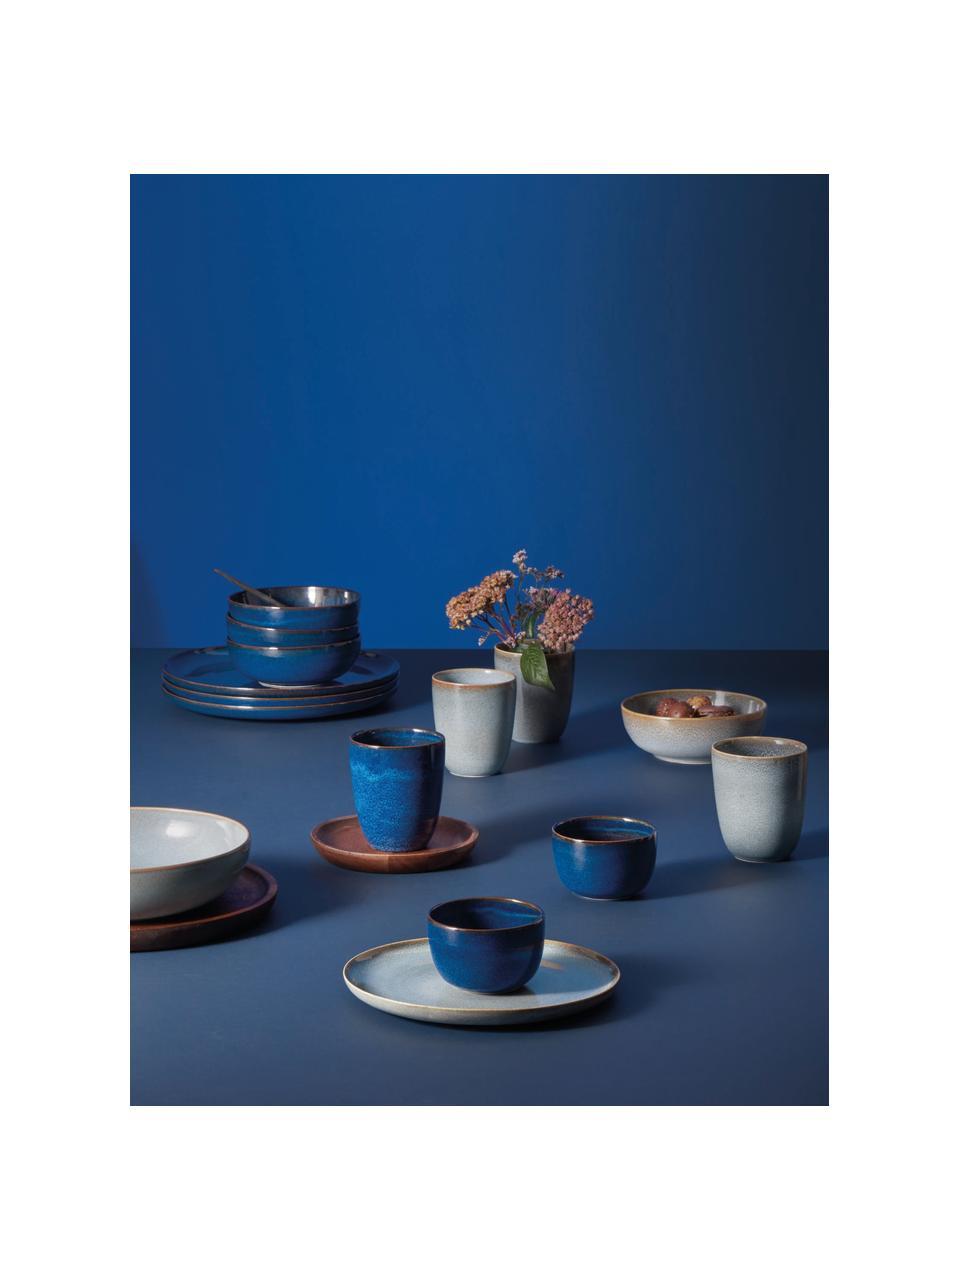 Frühstücksteller Saisons aus Steingut in Blau, 6 Stück, Steingut, Blau, Ø 21 cm